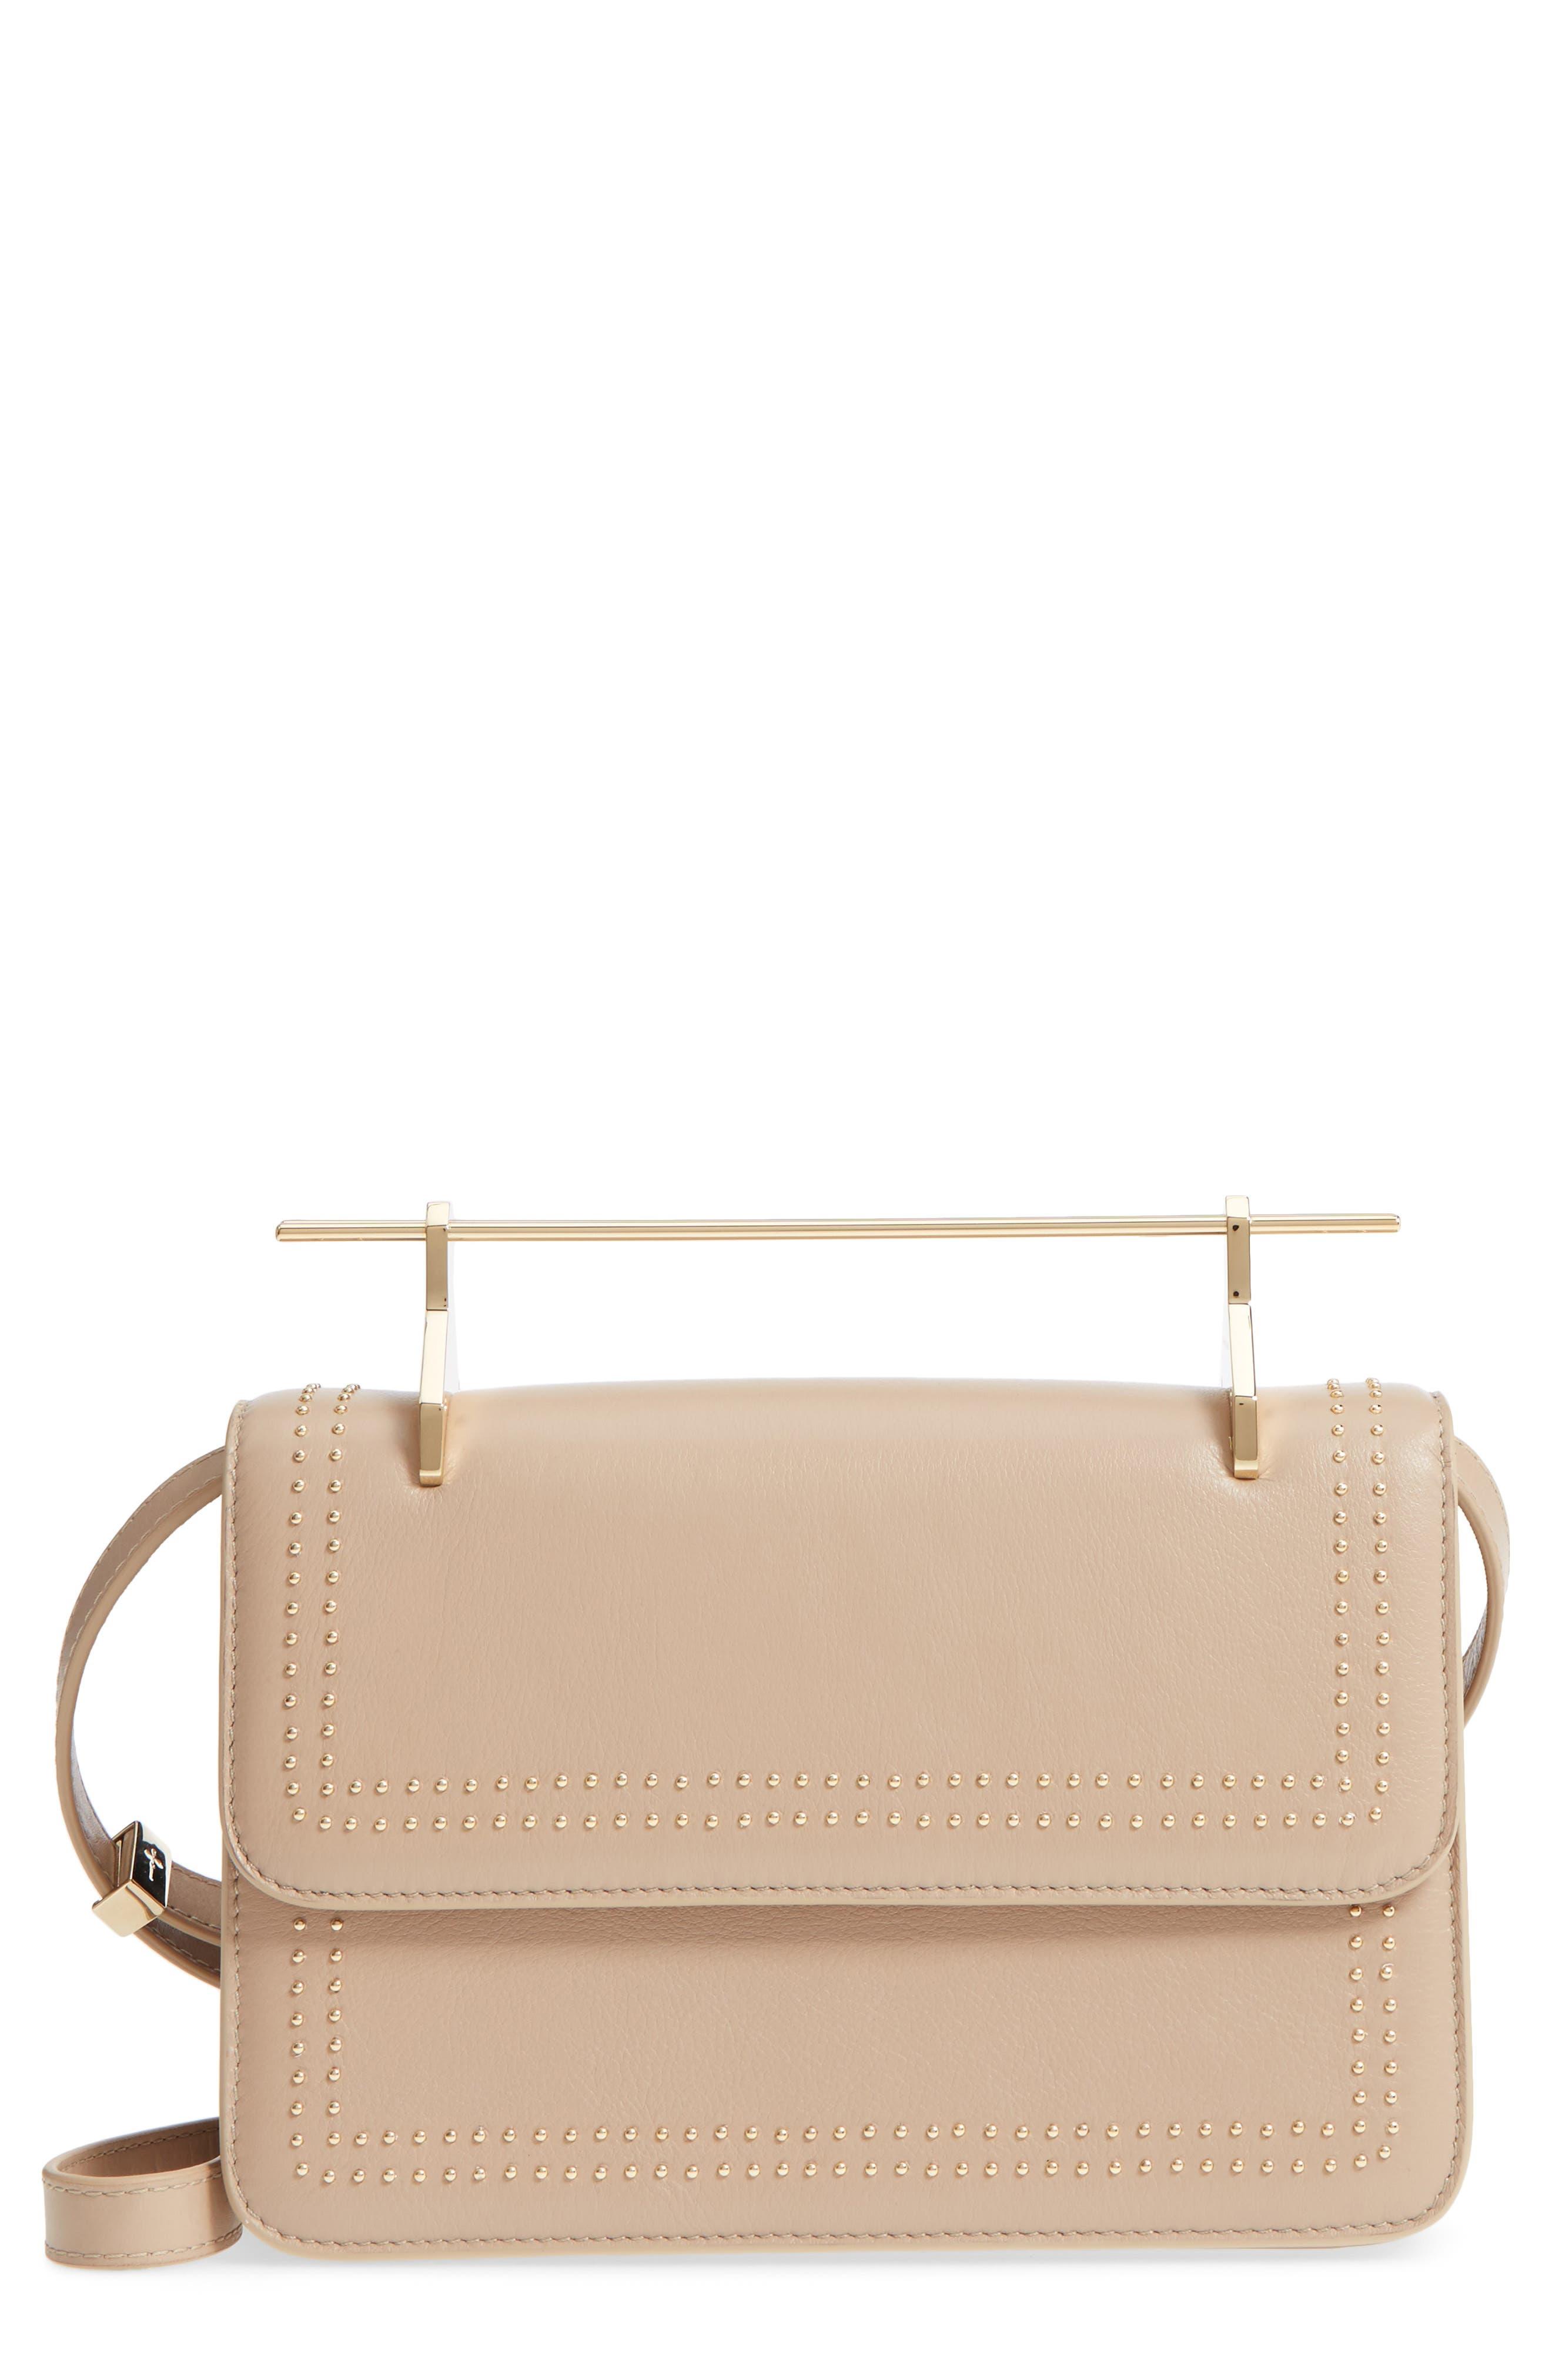 M2Malletier La Fleur du Mal Studded Leather Shoulder Bag